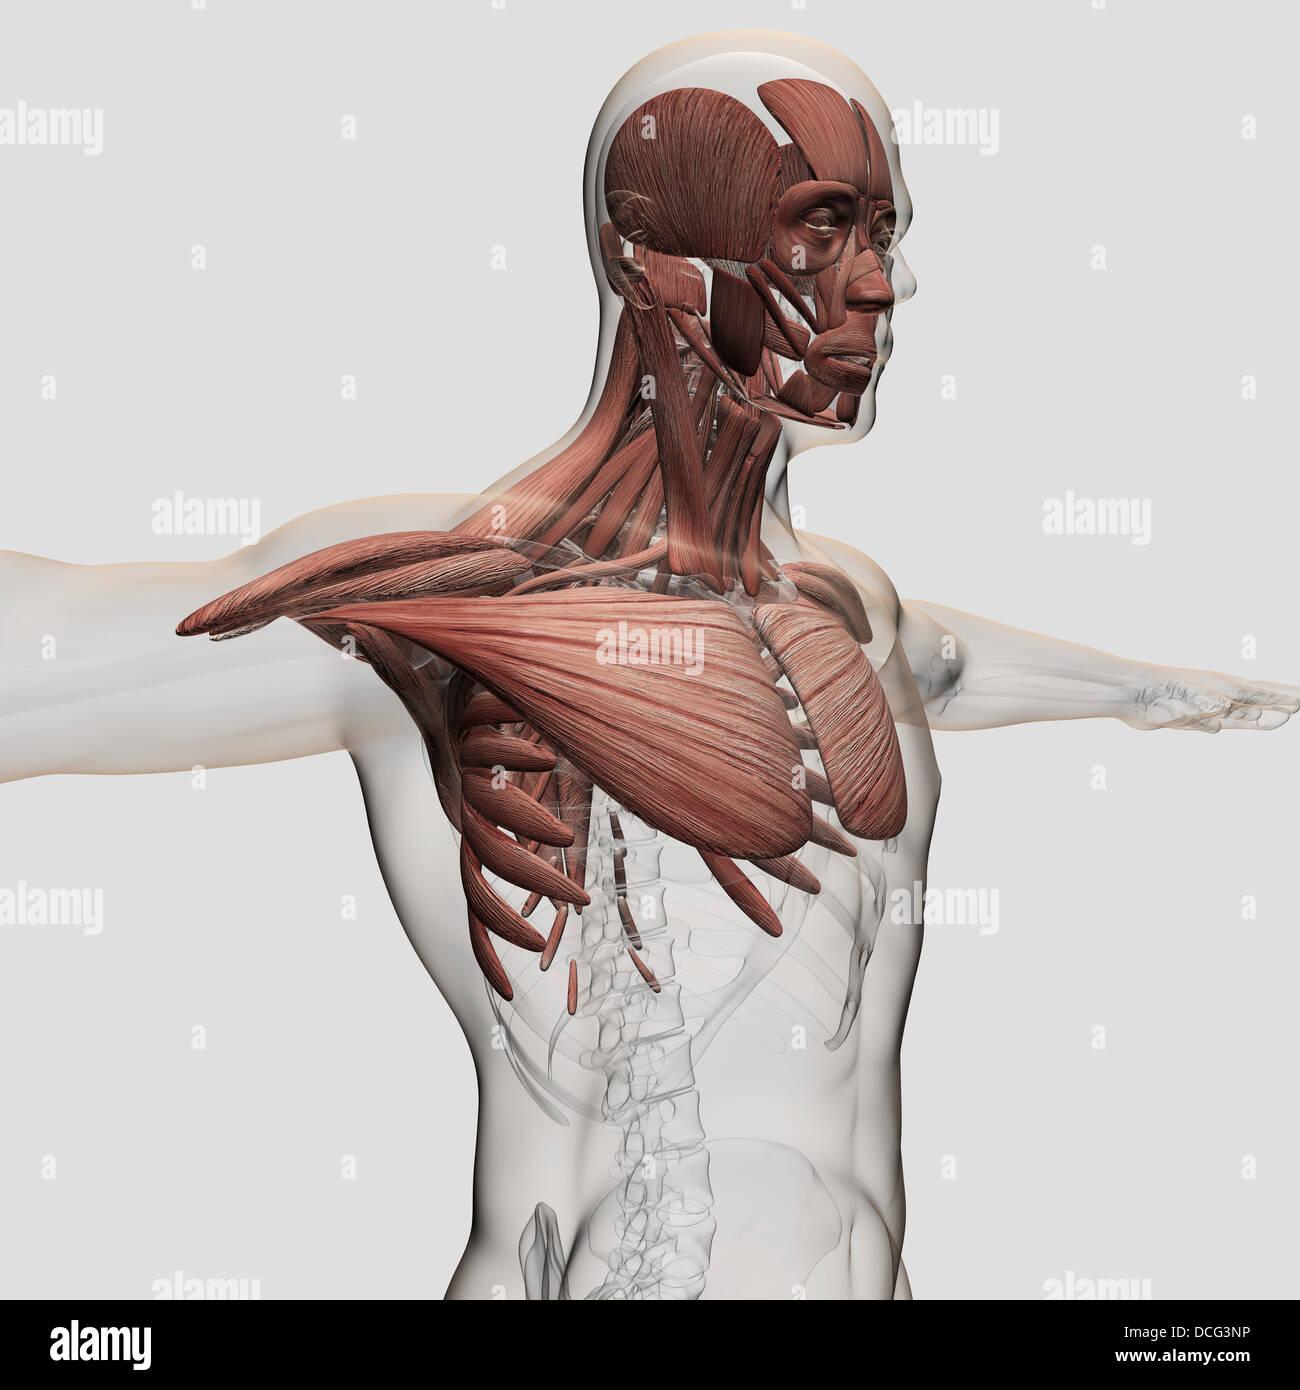 Anatomia di muscoli maschio nel corpo superiore, vista anteriore. Immagini Stock